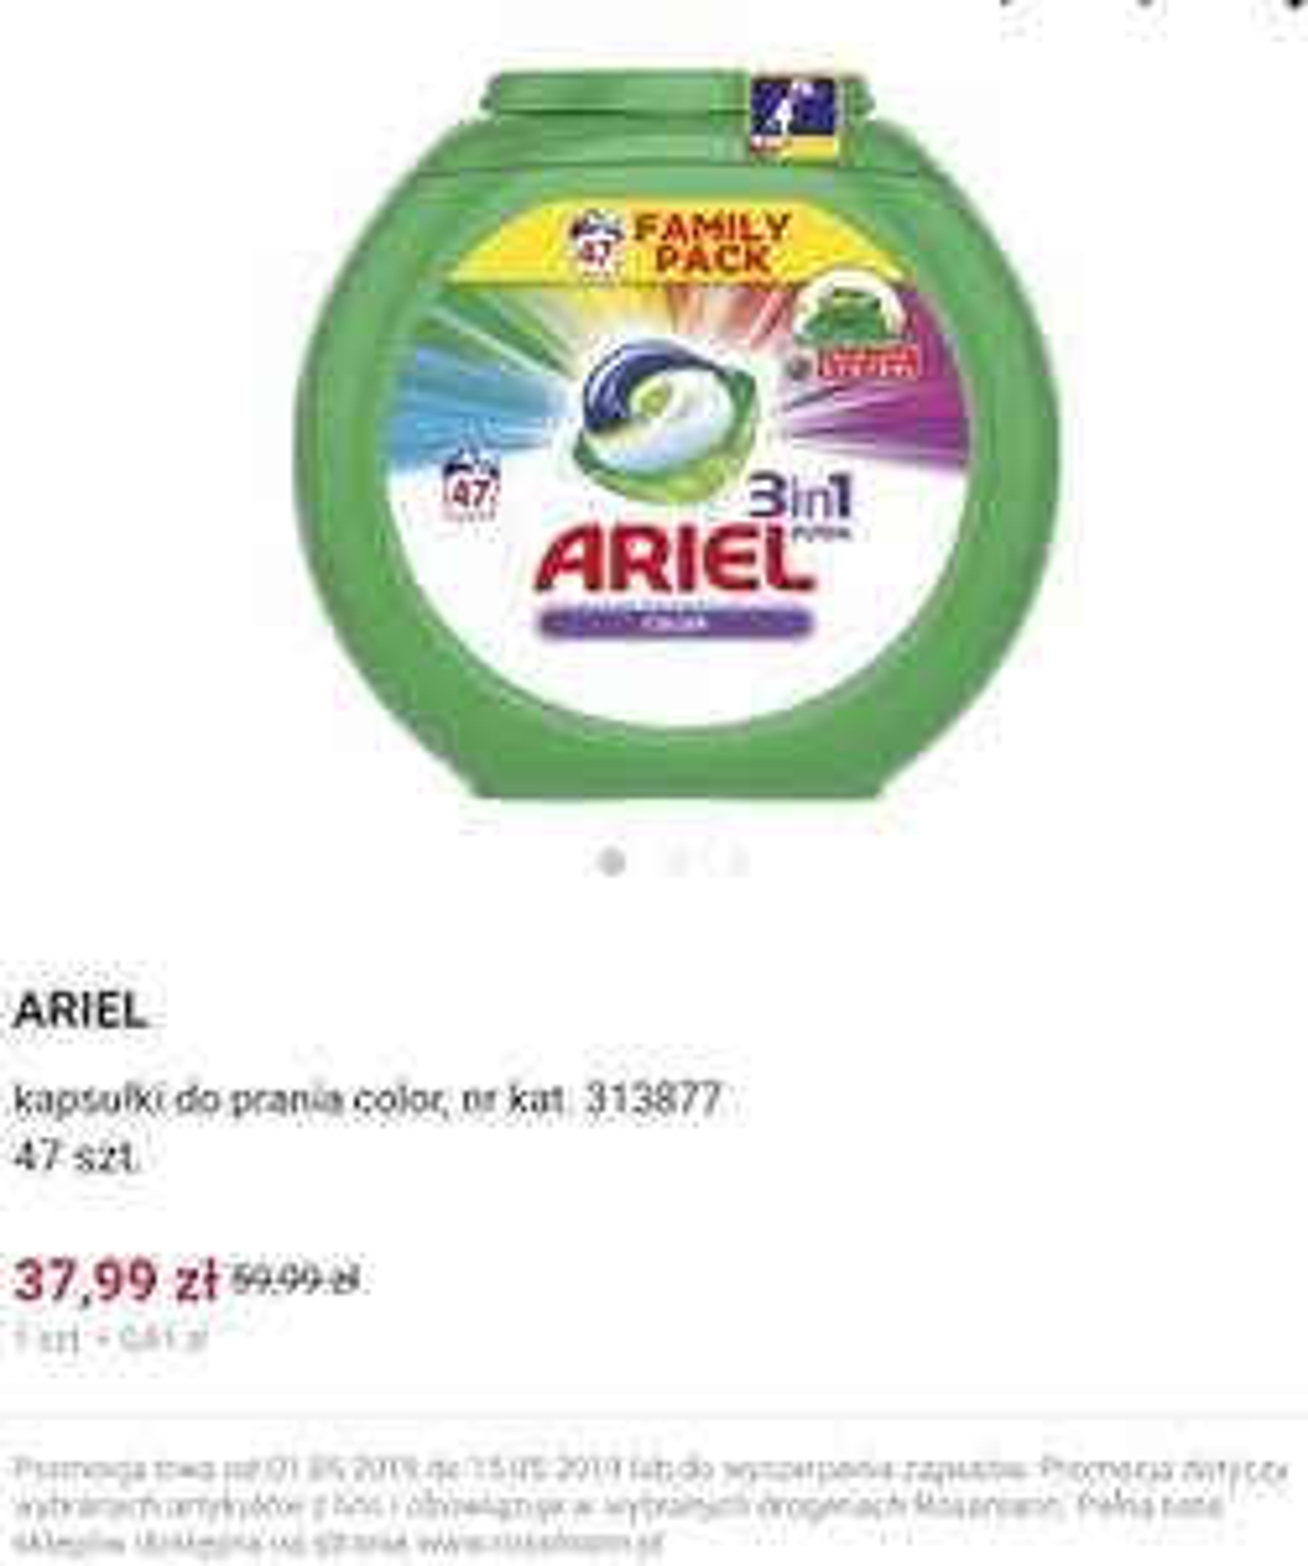 Kapsułki Ariel 47 sztuk (0,80 zł/szt) Rossmann